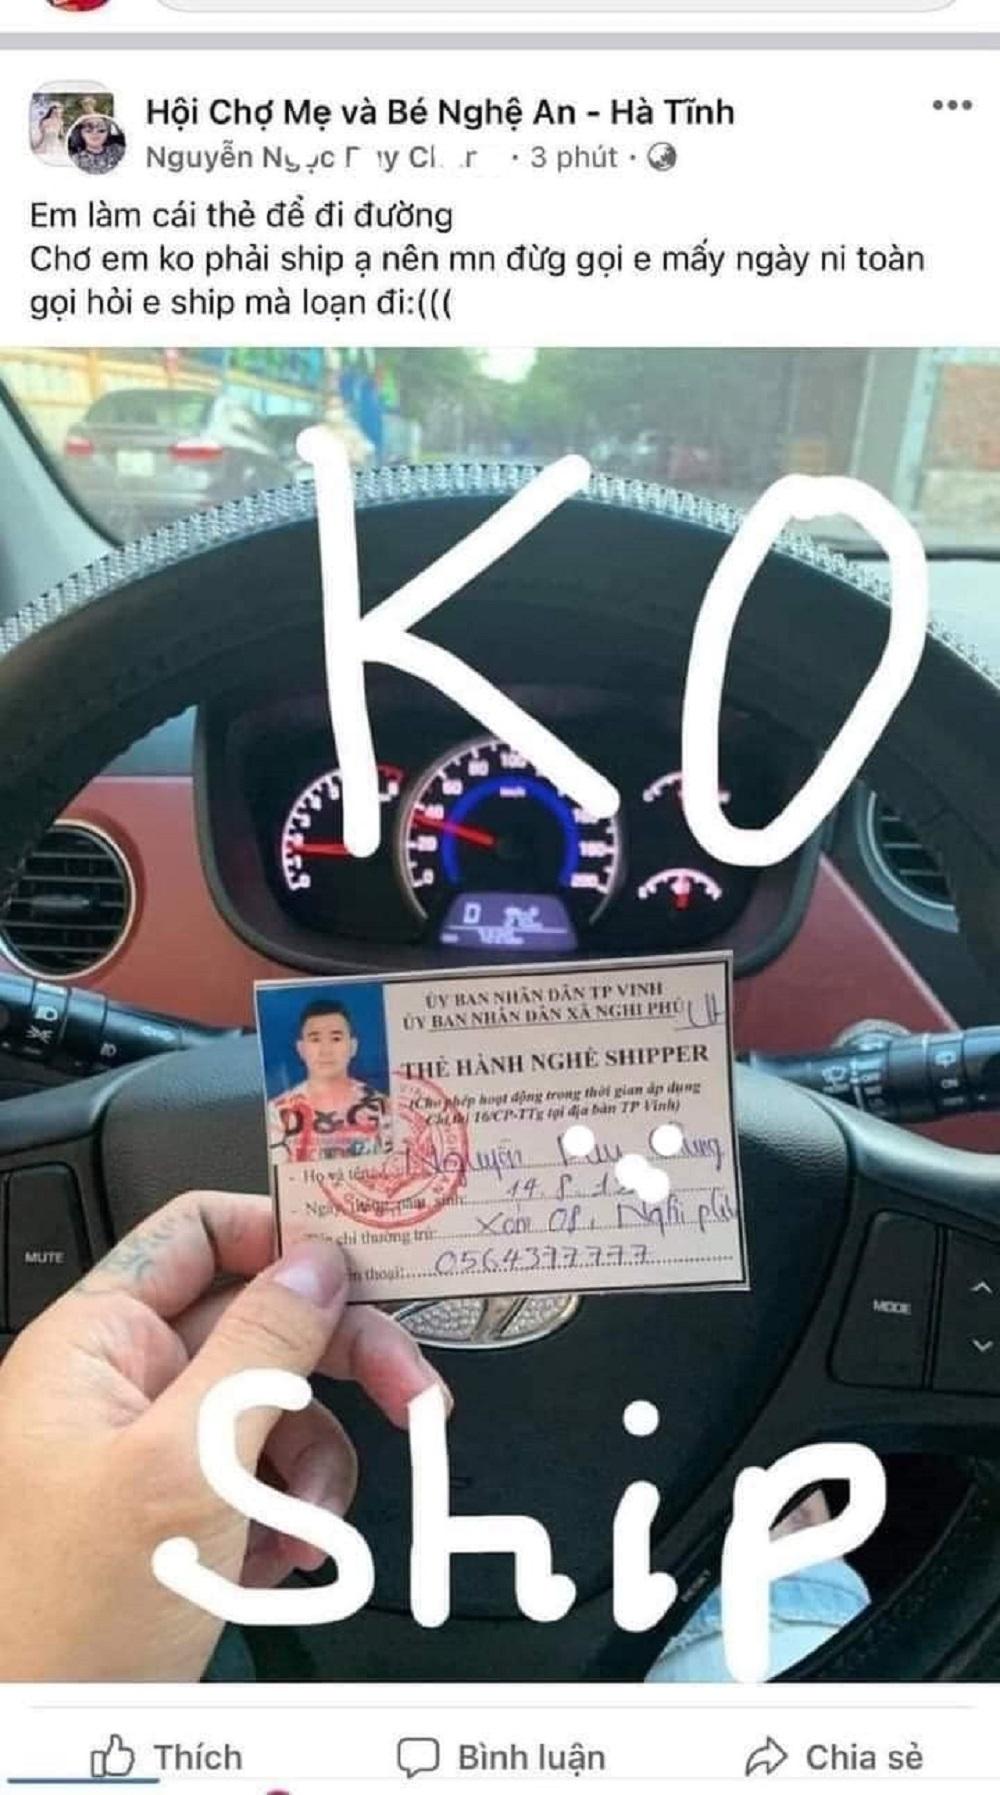 Nghệ An: Khoe thẻ shipper sử dụng sai mục đích trên mạng xã hội, người đàn ông bị xử phạt